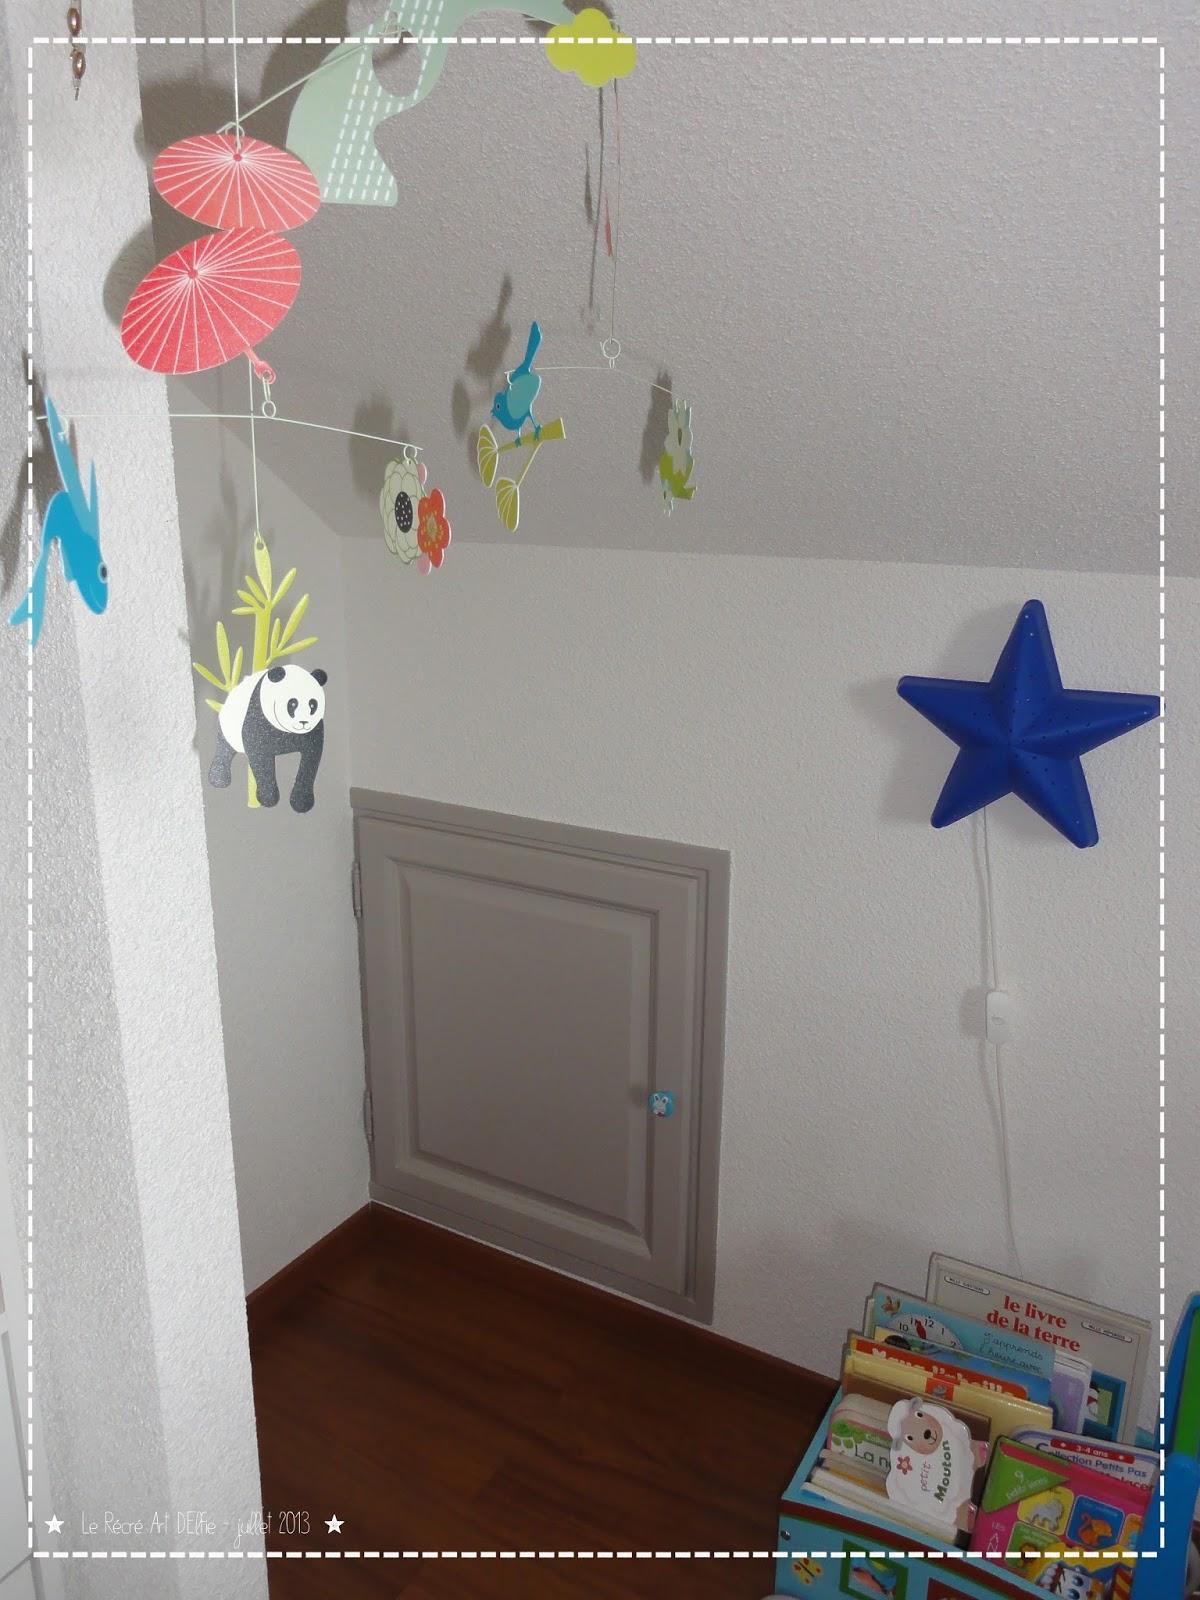 Le r cr art delfie sa cachette secr te Faire sa chambre